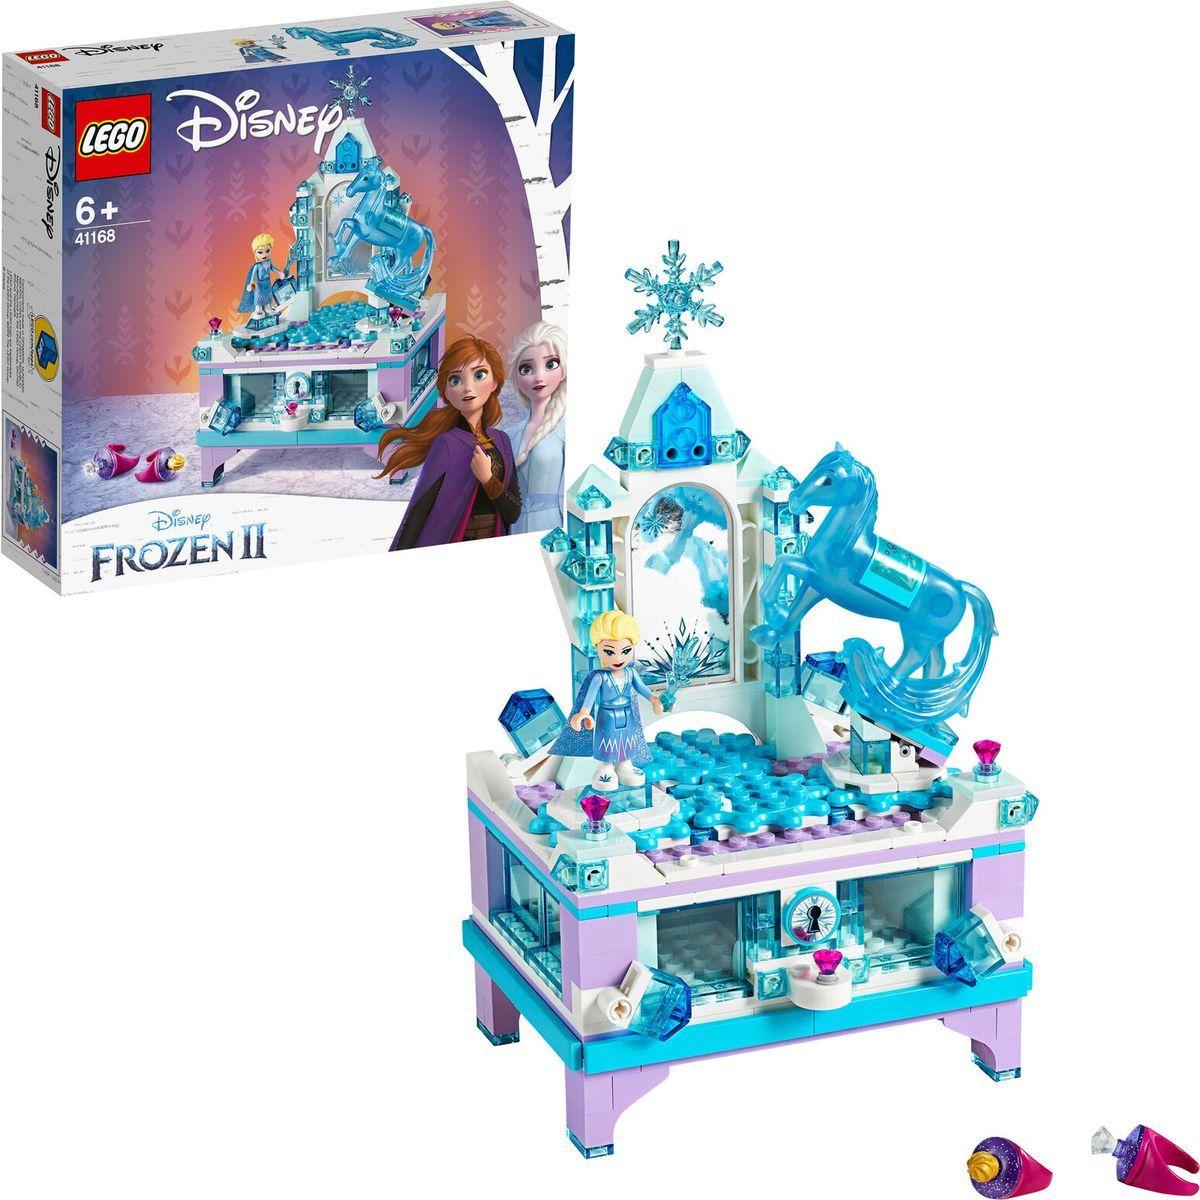 LEGO® I Disney Princess™ 41168 Elsina kouzelná šperkovnice